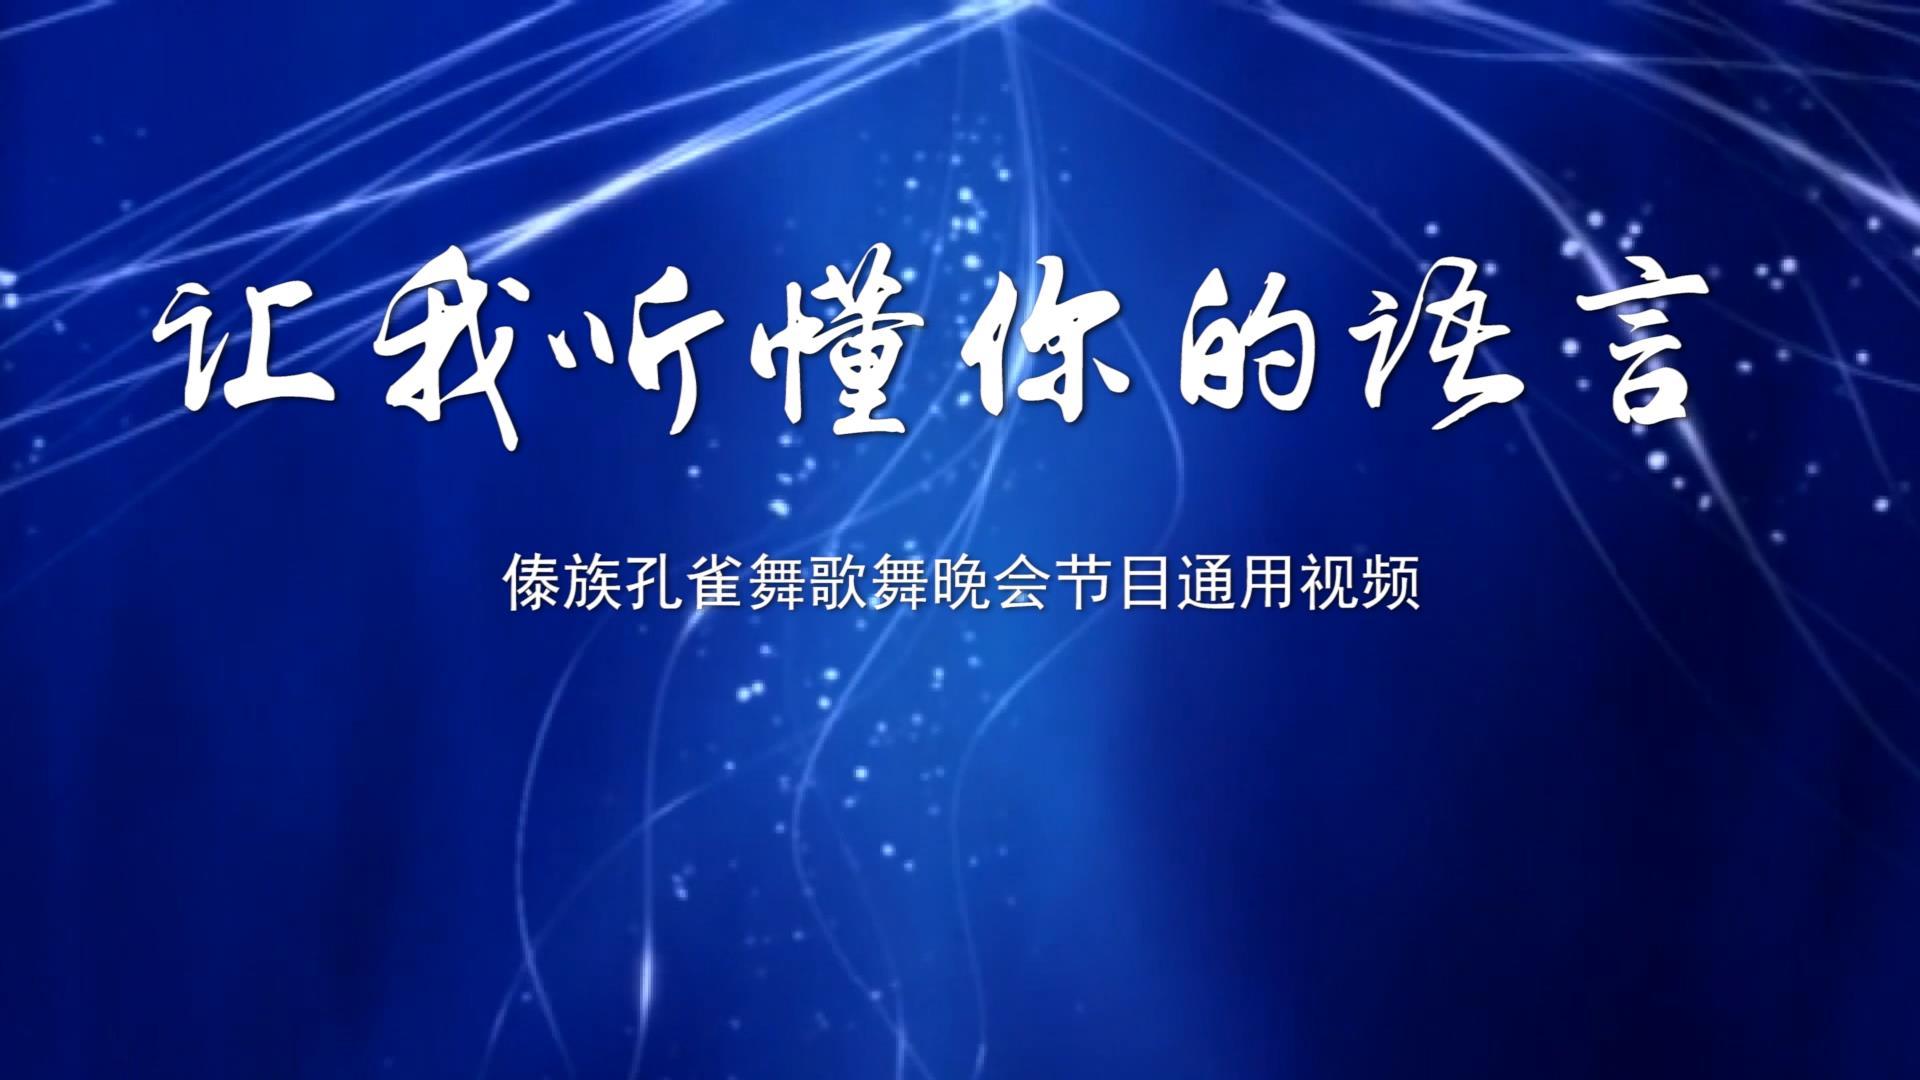 傣族孔雀舞舞蹈视频_让我听懂你的语言 孔雀舞傣族元素歌舞晚会舞蹈节目通用LED背景 ...